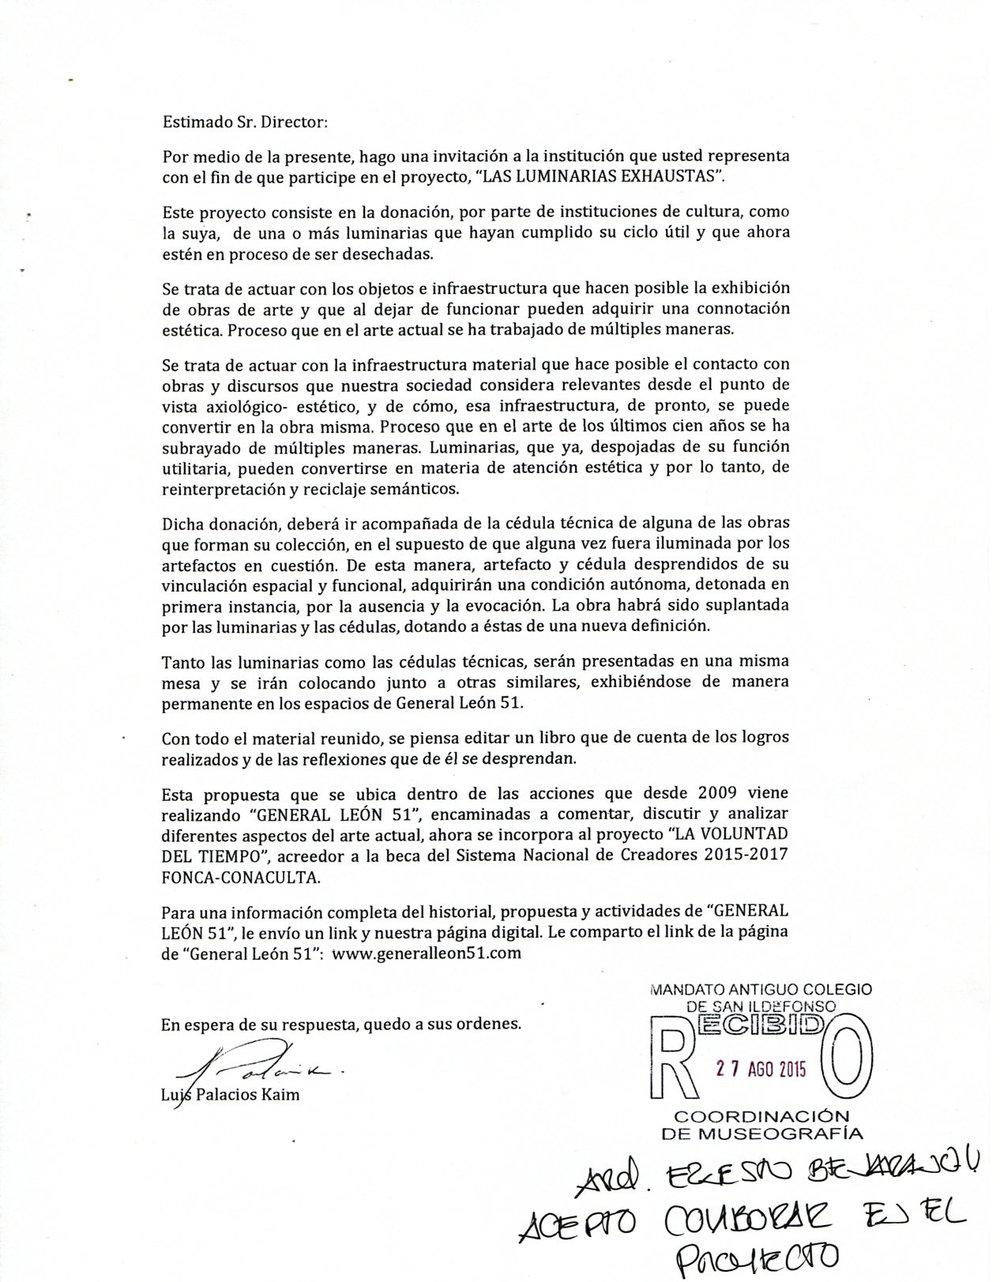 Carta_San Ildefonso.jpg